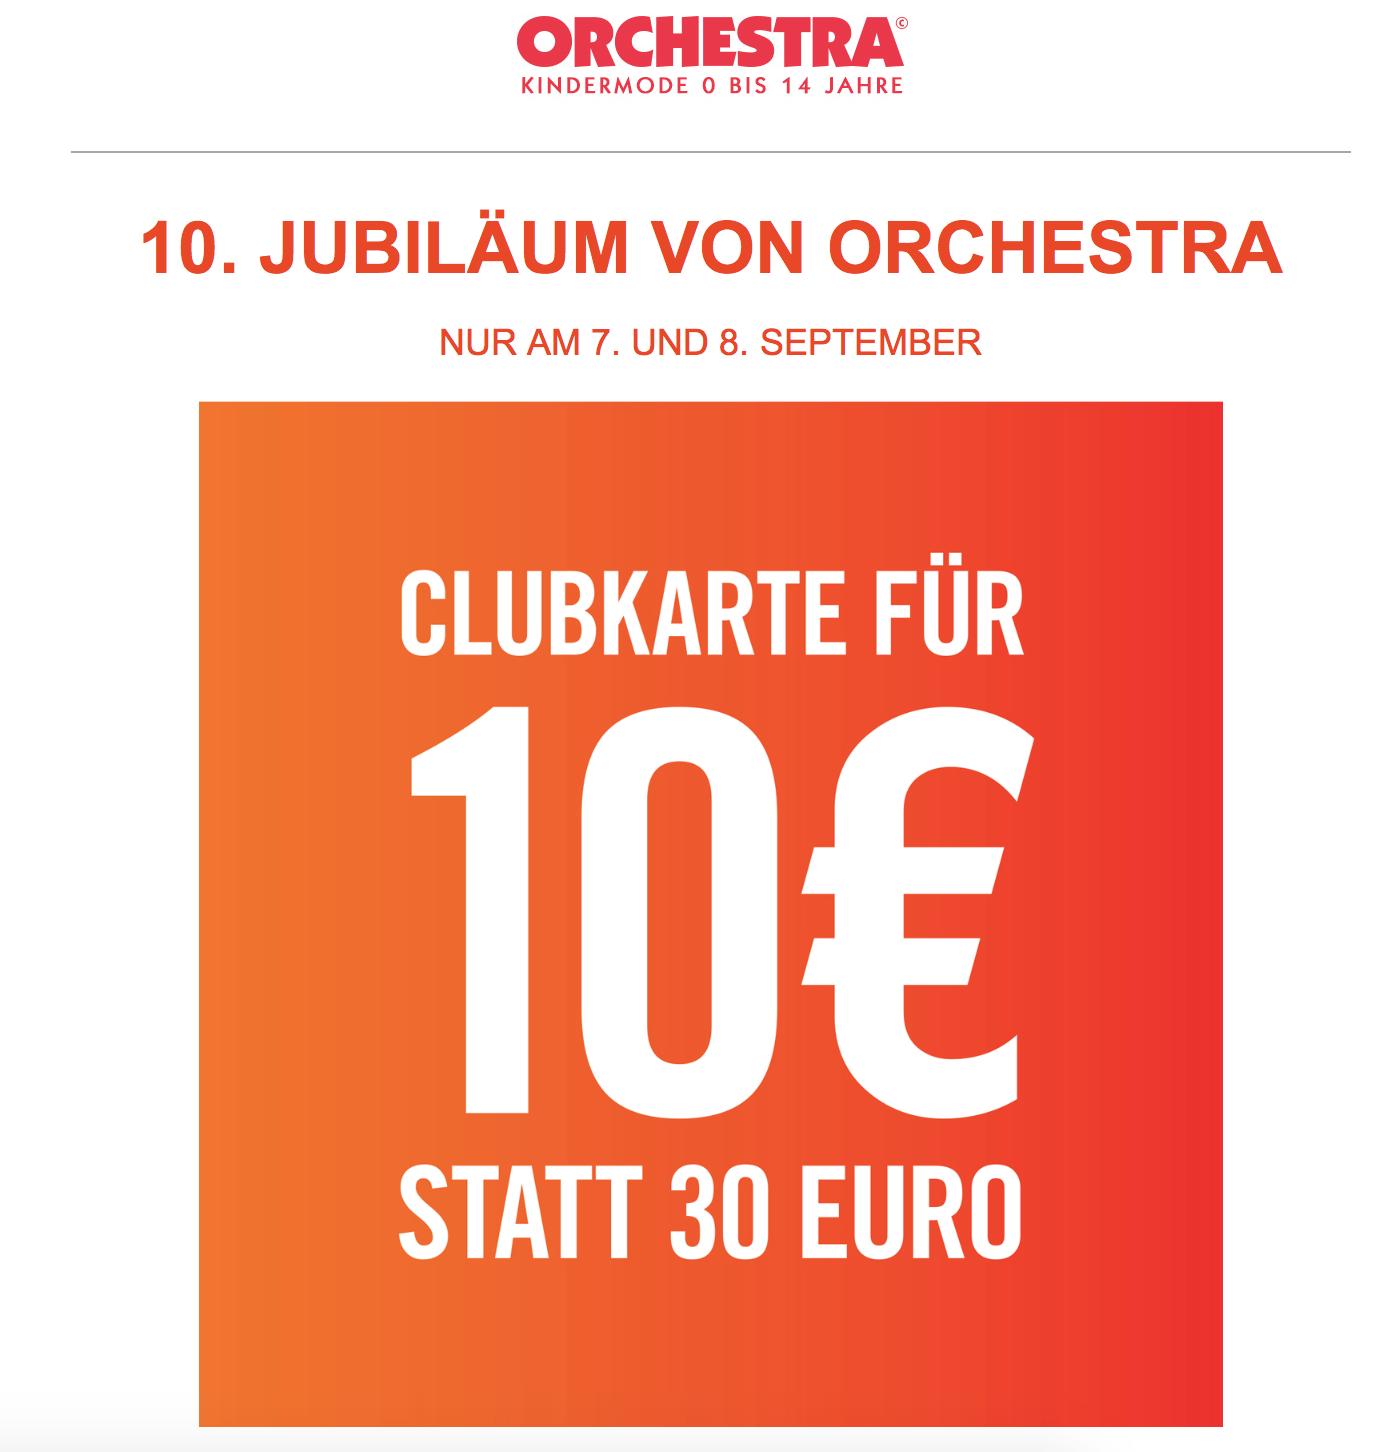 Orchestra Mode Club Karte: 1 Jahr für 10 Euro statt 30 Euro, 2 Jahre für 35 statt 55 Euro